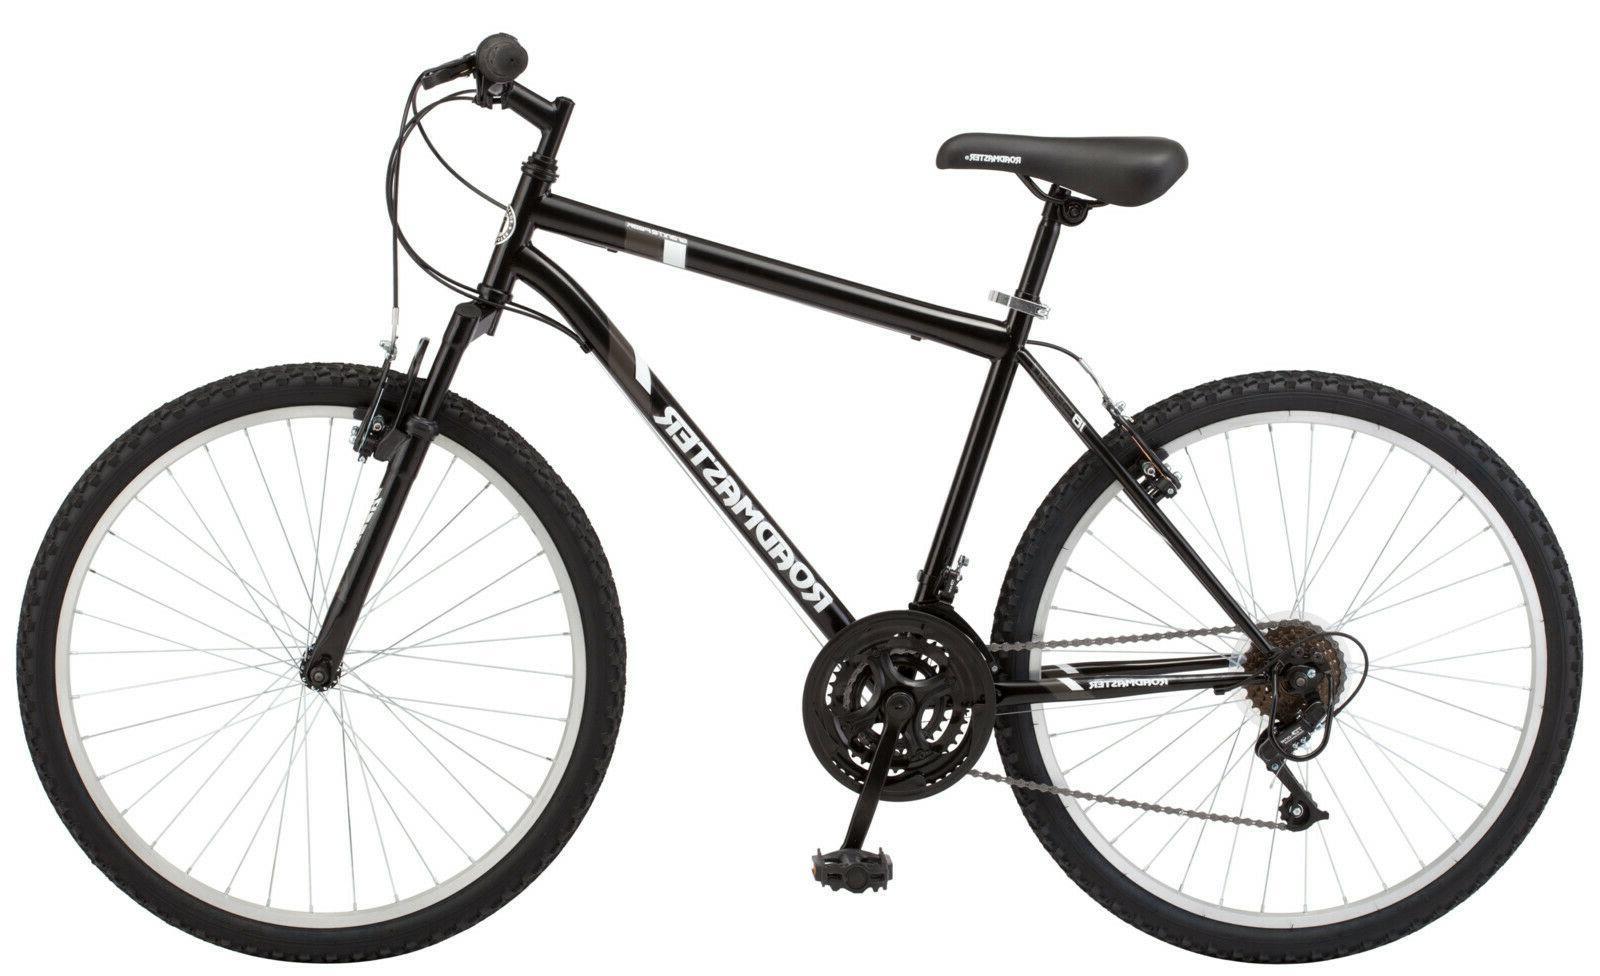 Roadmaster Peak Bike for Men - Black